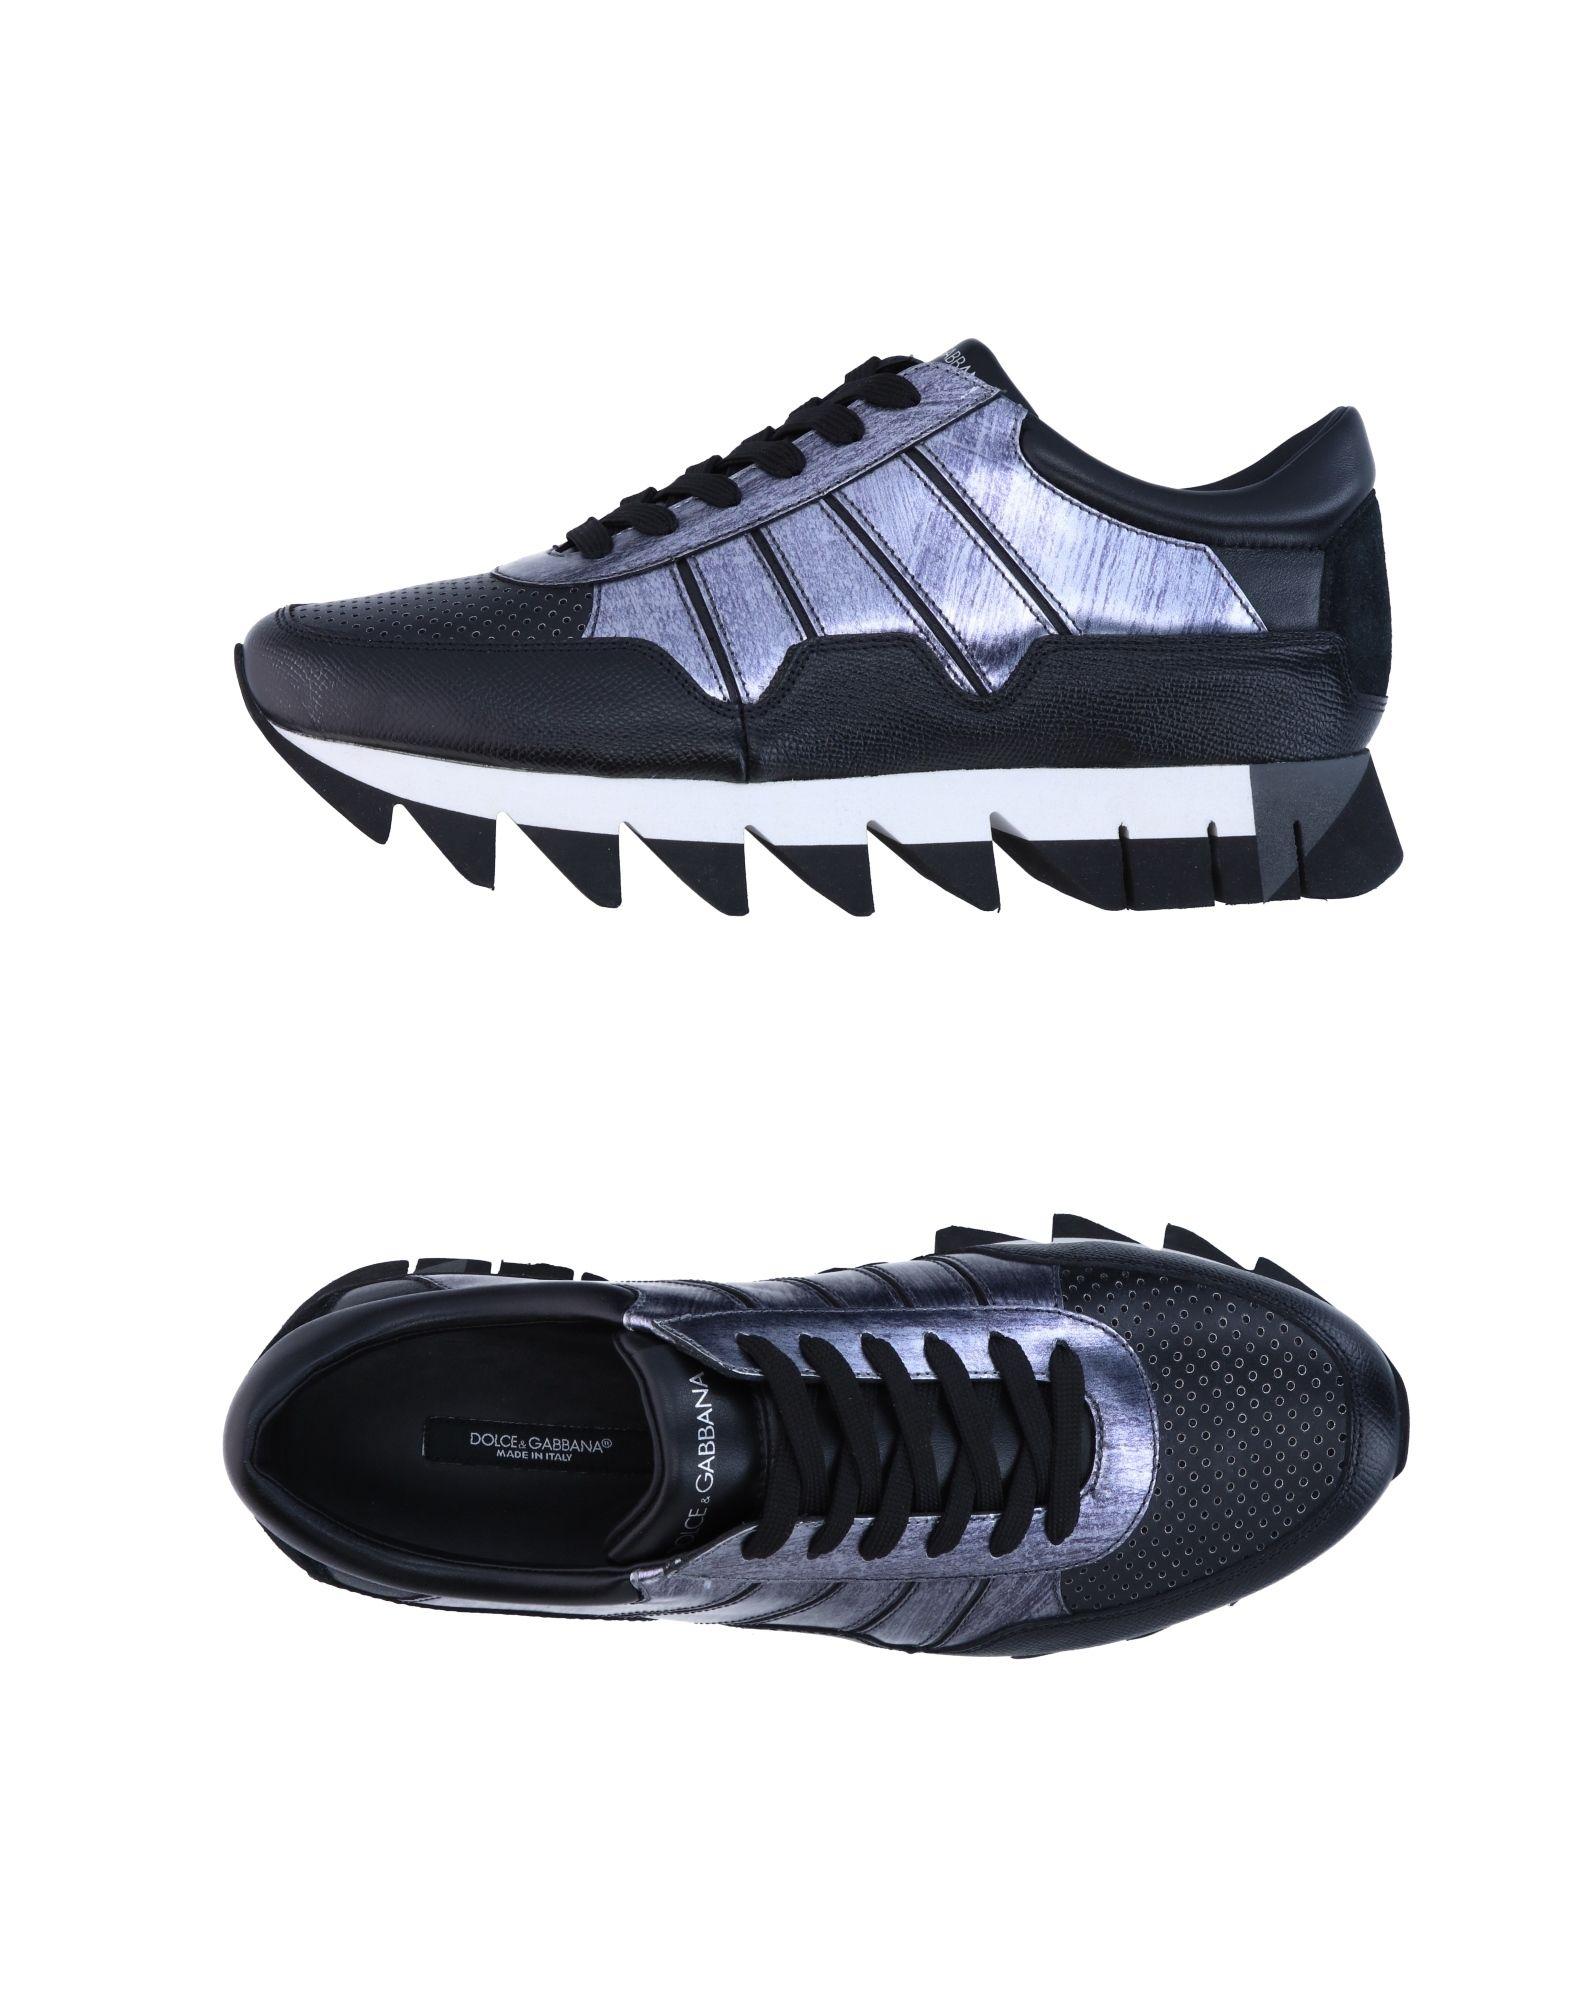 Dolce & Gabbana Sneakers Qualität Herren  11215389UX Gute Qualität Sneakers beliebte Schuhe a1e025